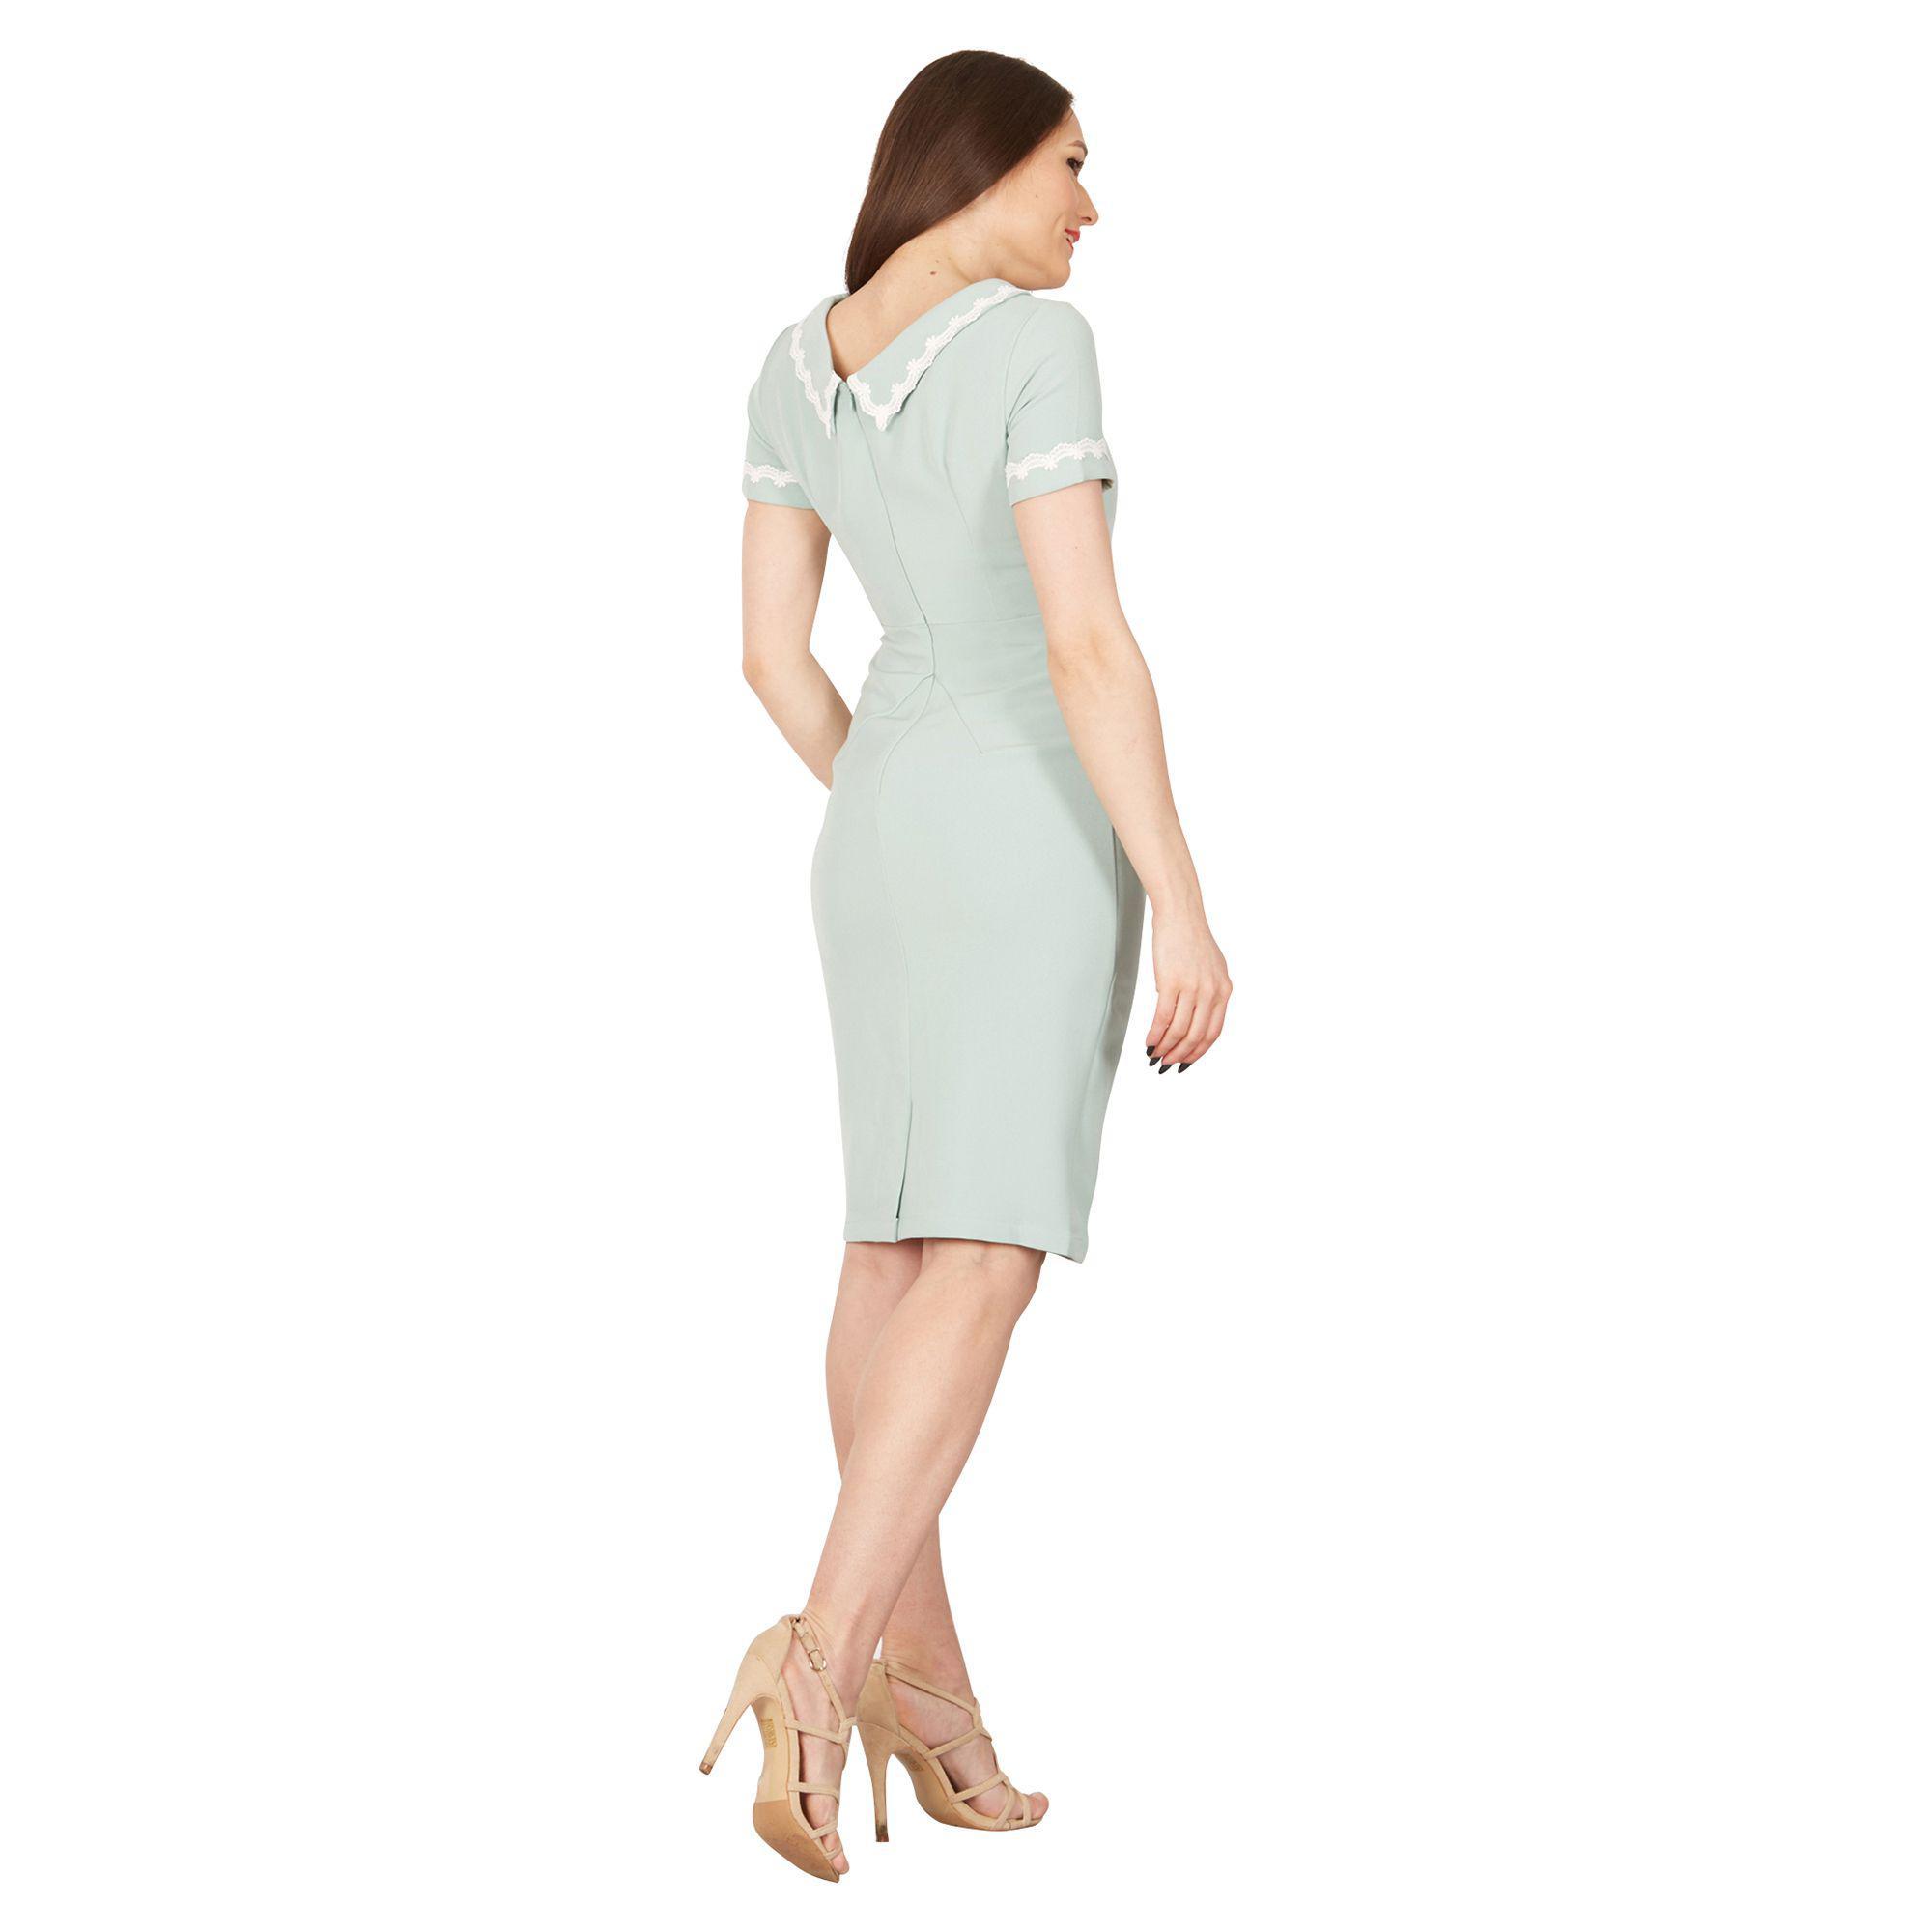 20da5d13e Jolie Moi - Light Green Short Sleeves Lace Trimmed Dress - Lyst. View  fullscreen